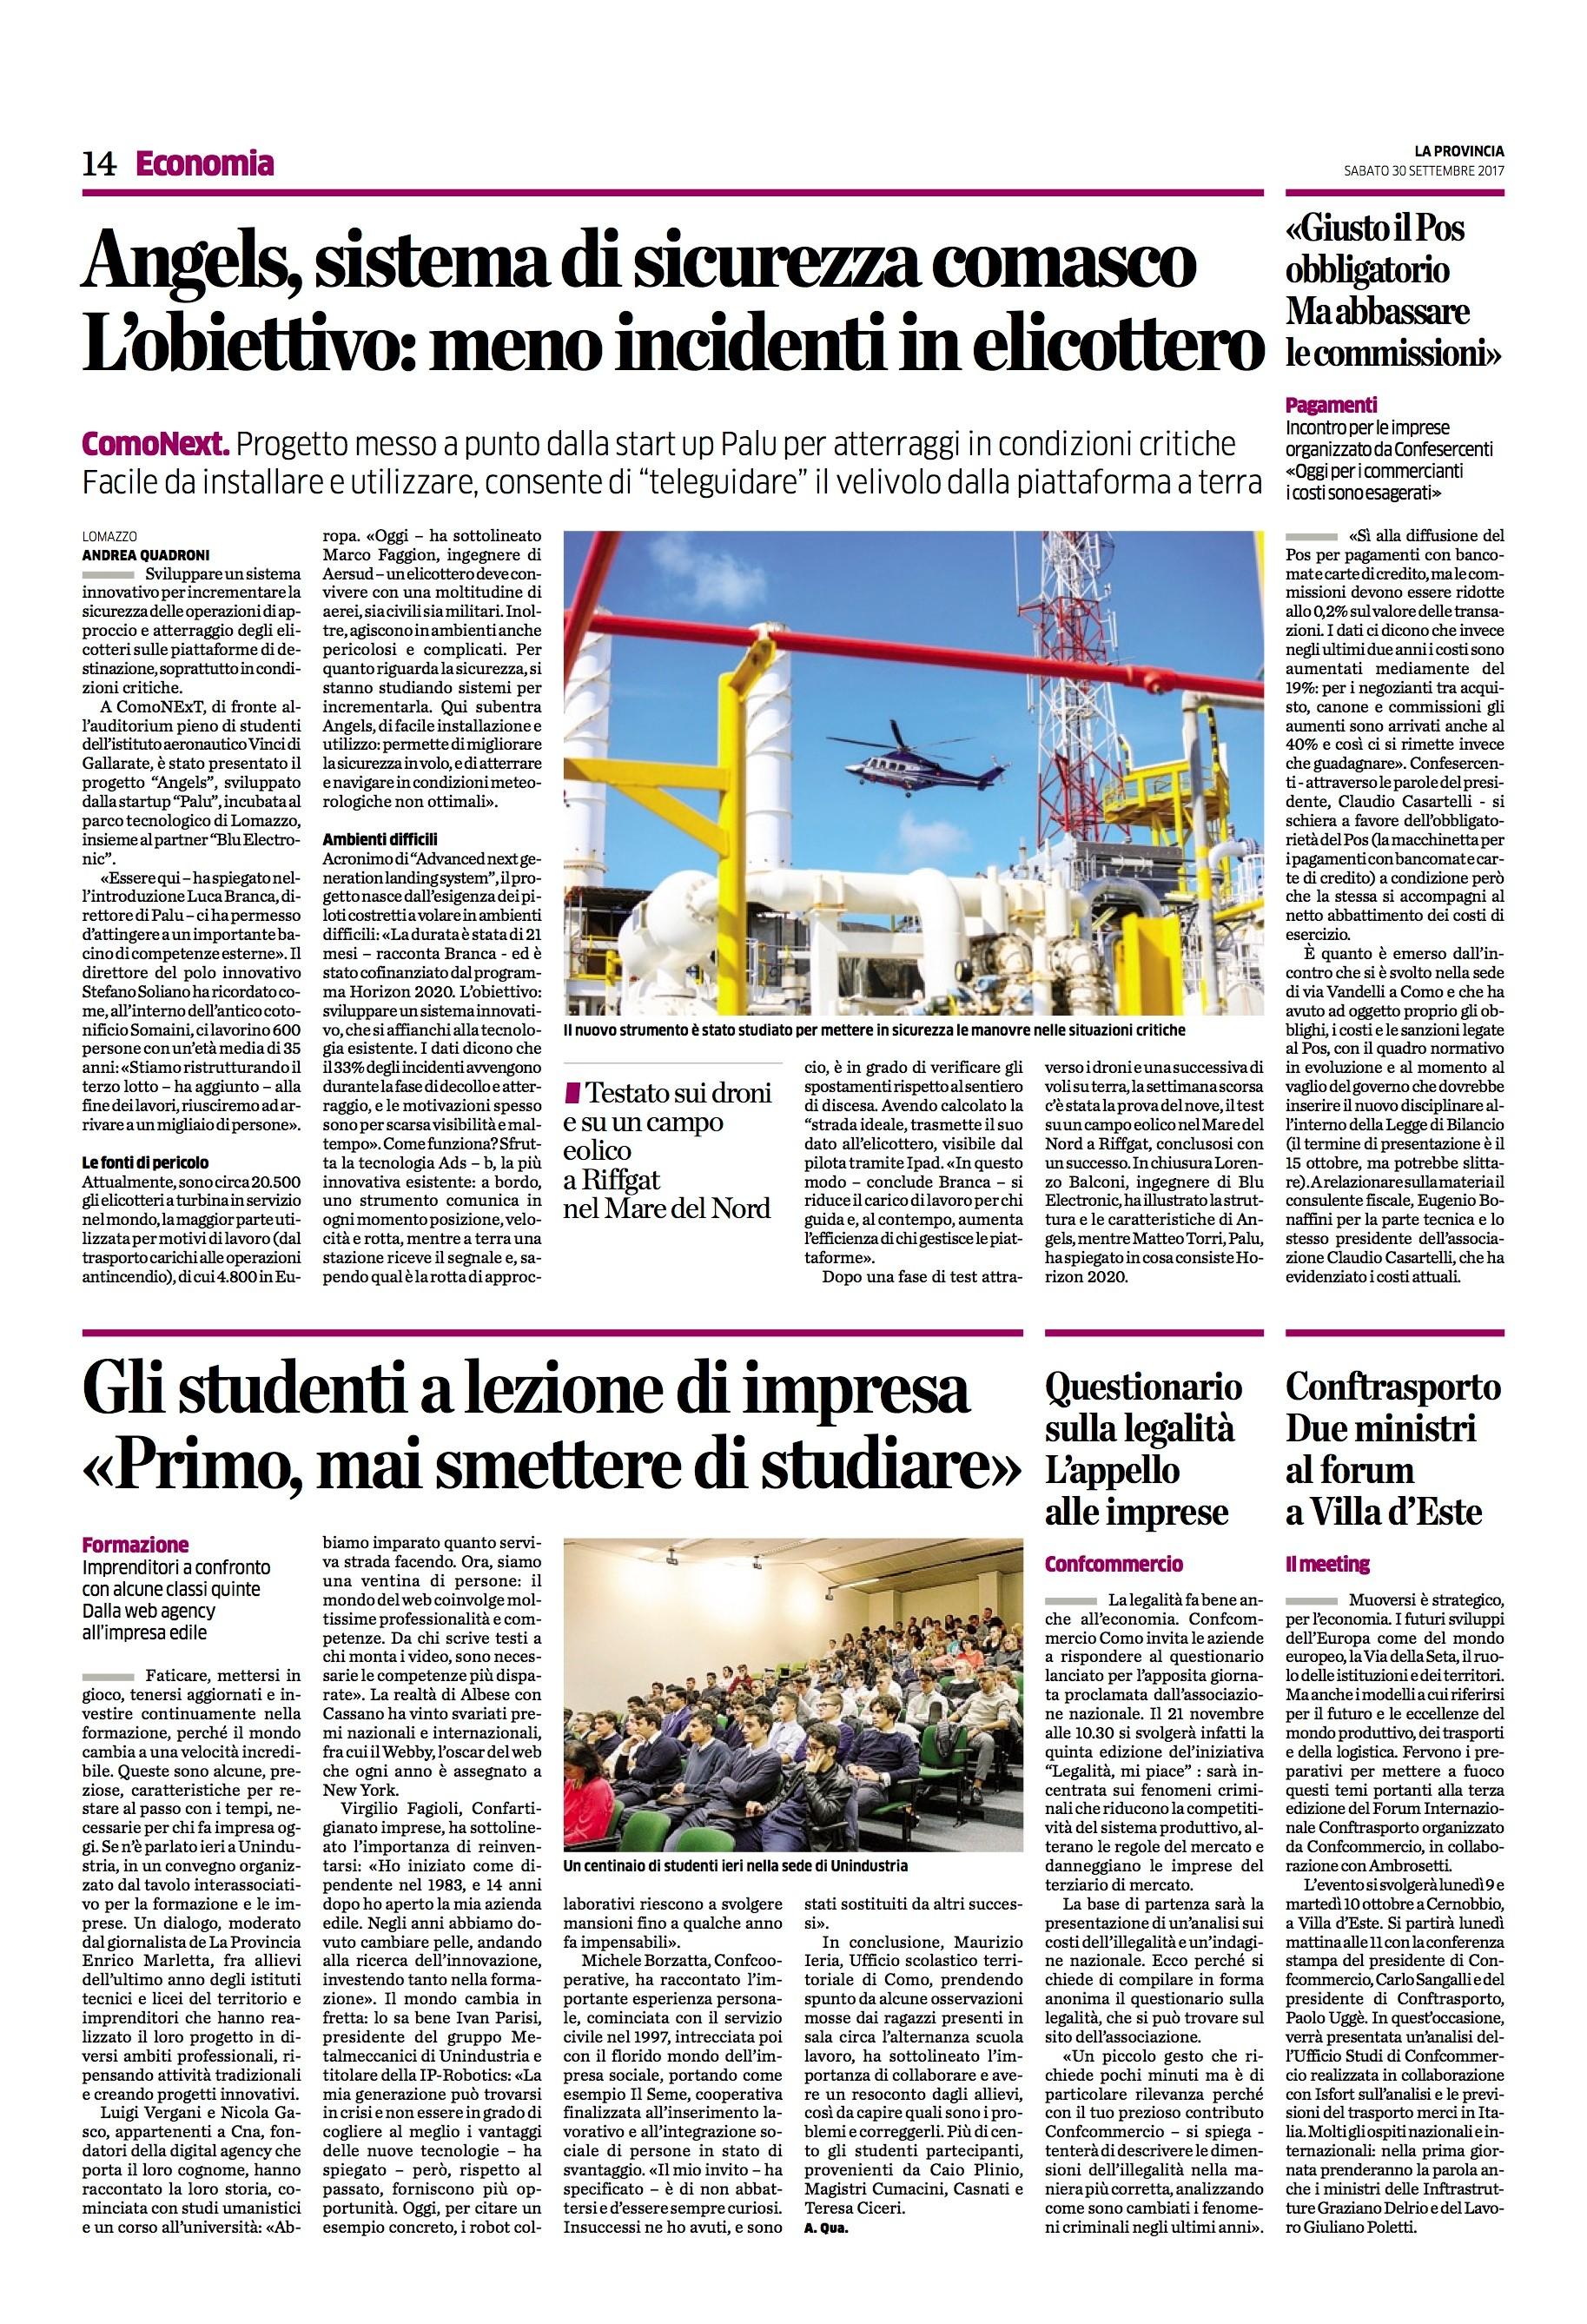 article on La Provincia di Como about ANGELS dissemination event